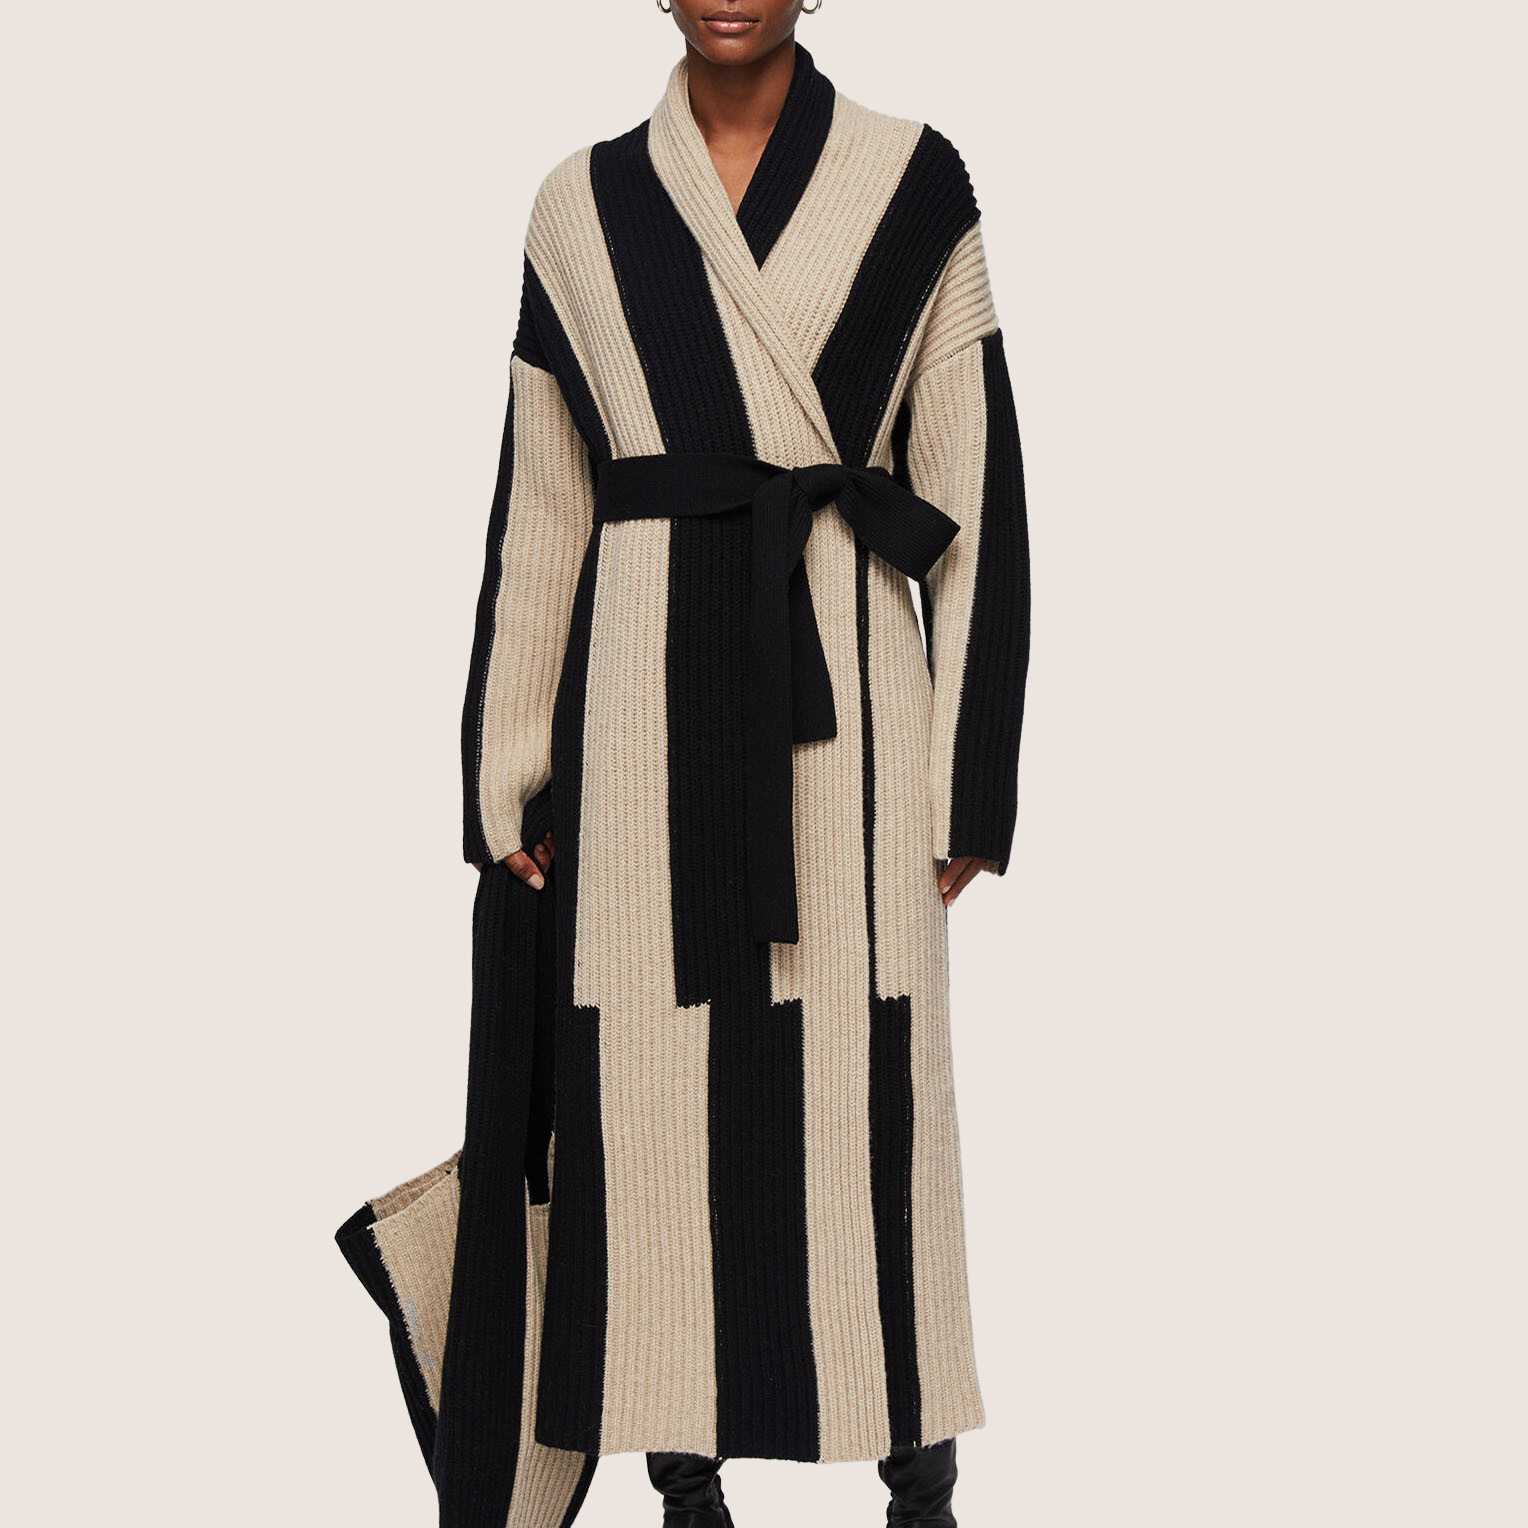 Cardigan Stitch Stripe Coat